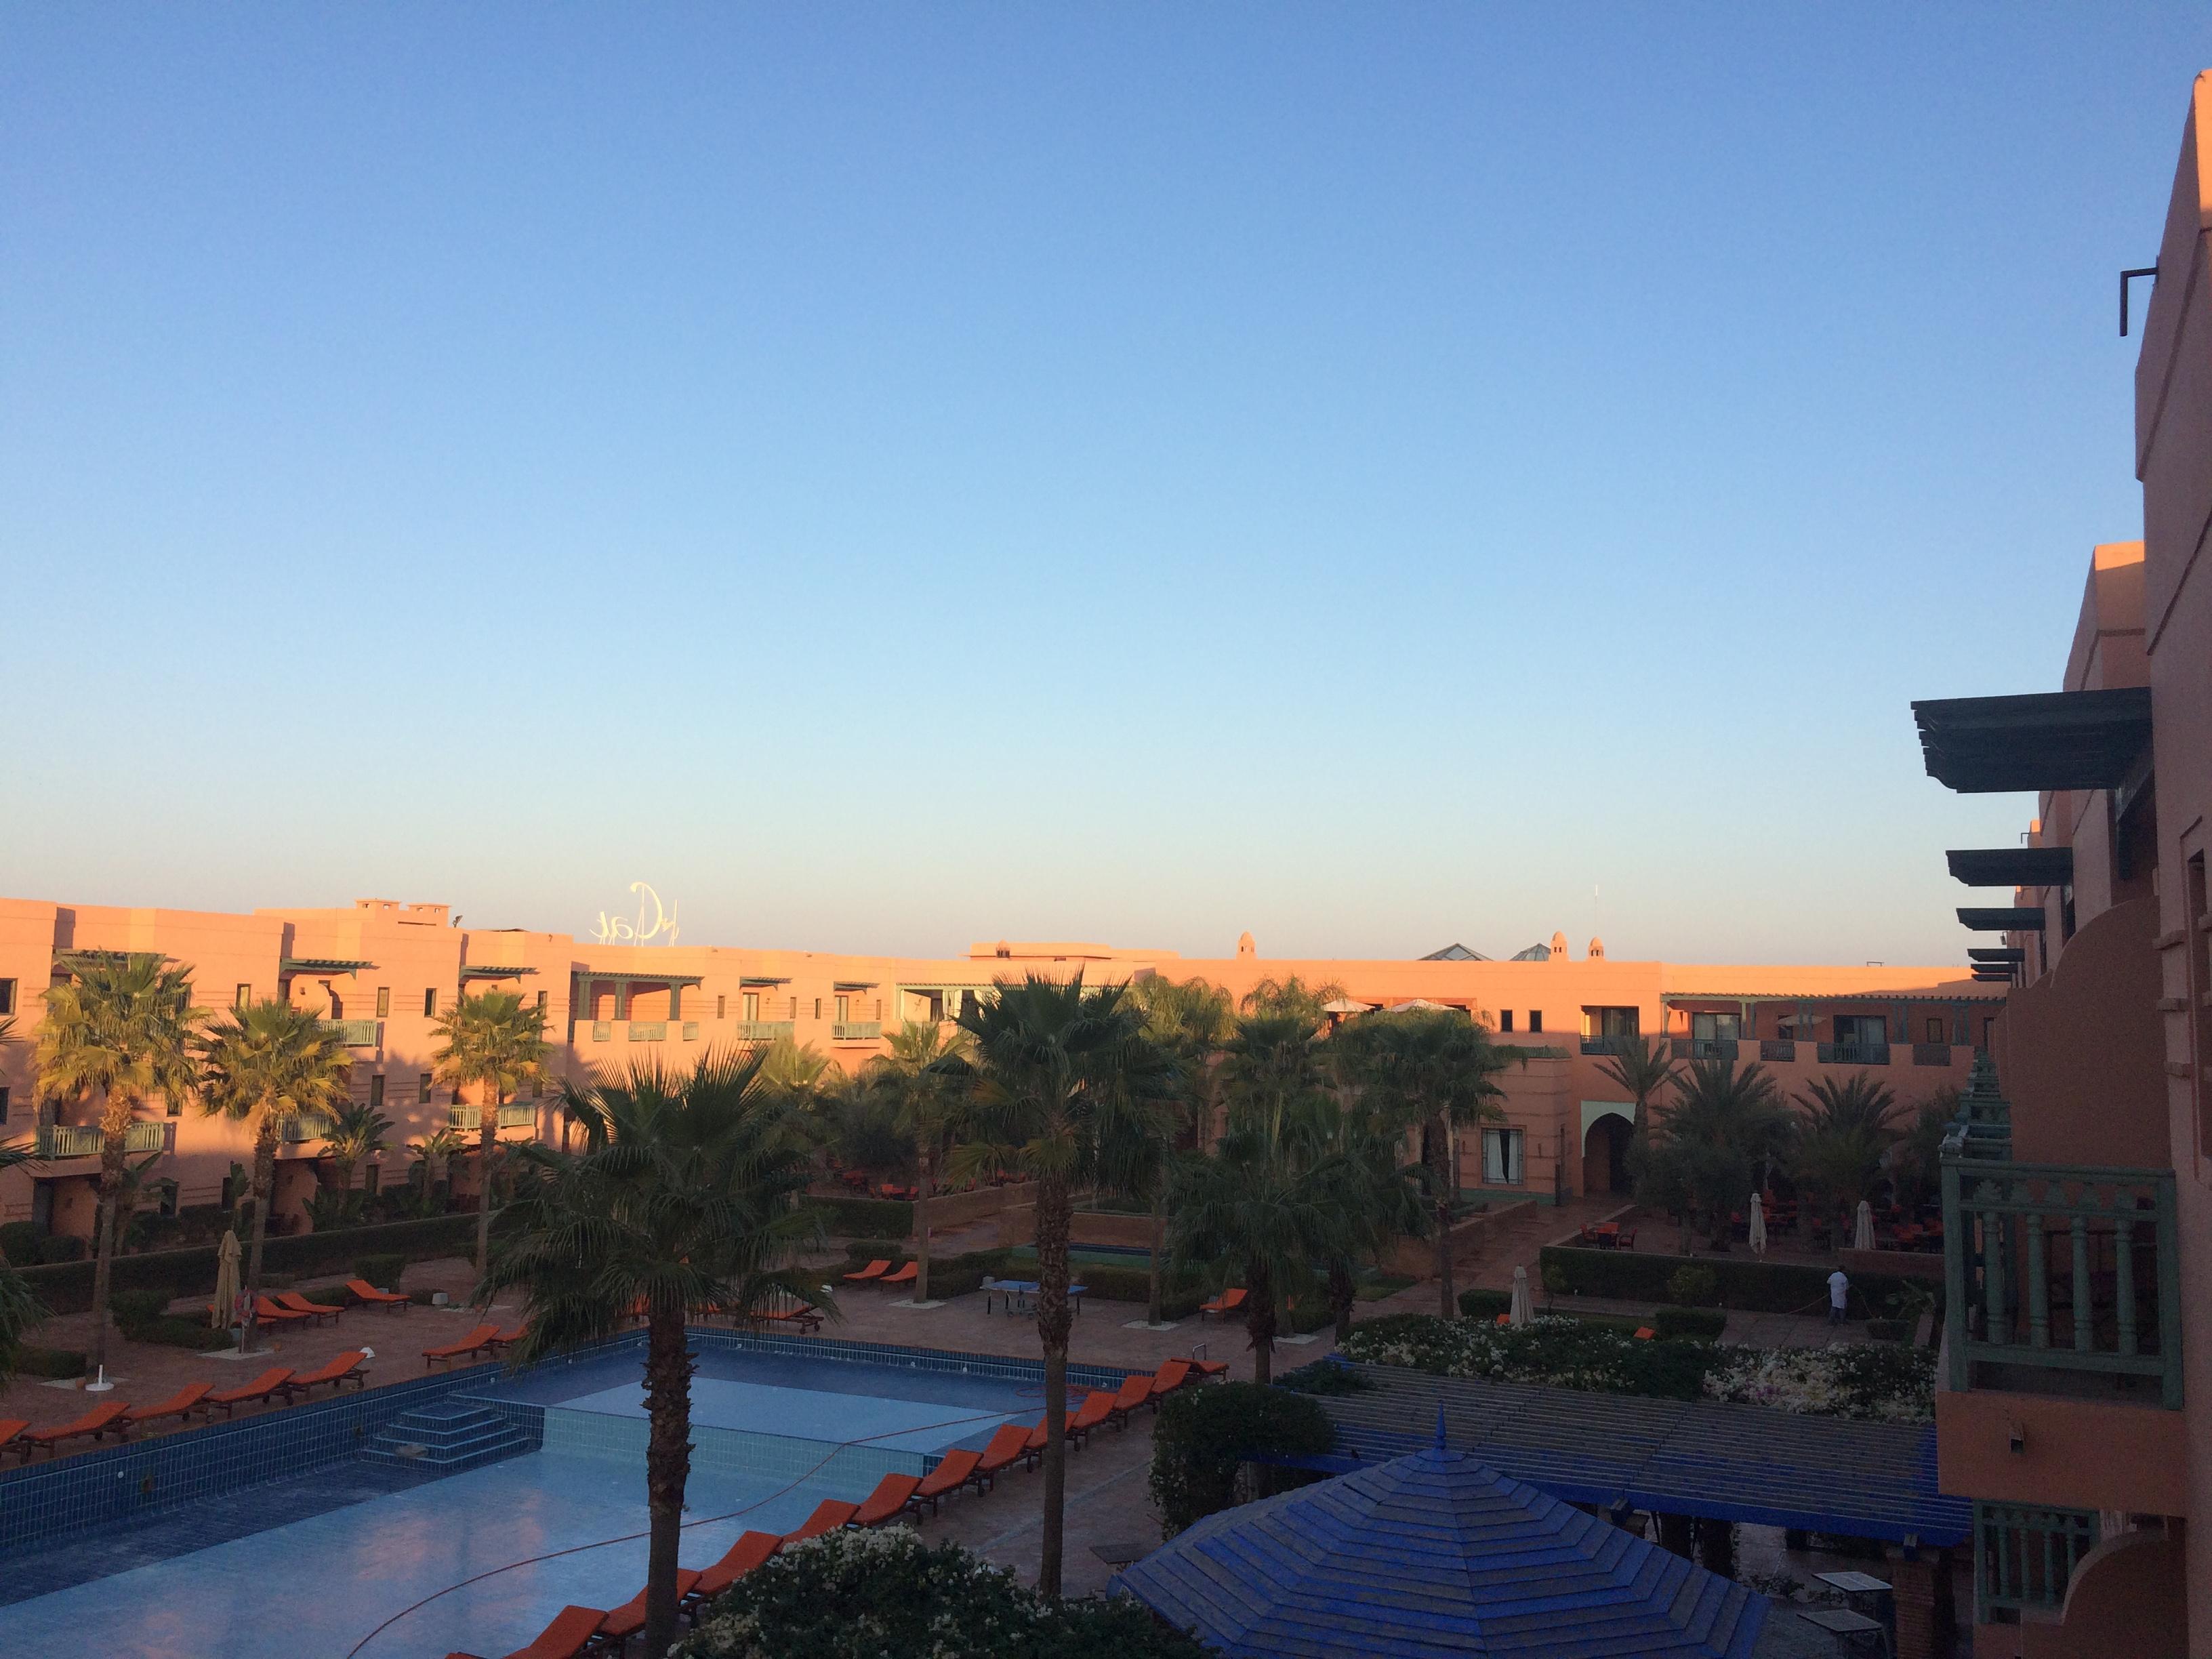 Hotel les jardins de l 39 agdal marrakech camel travel - Les jardins de l agdal marrakech ...